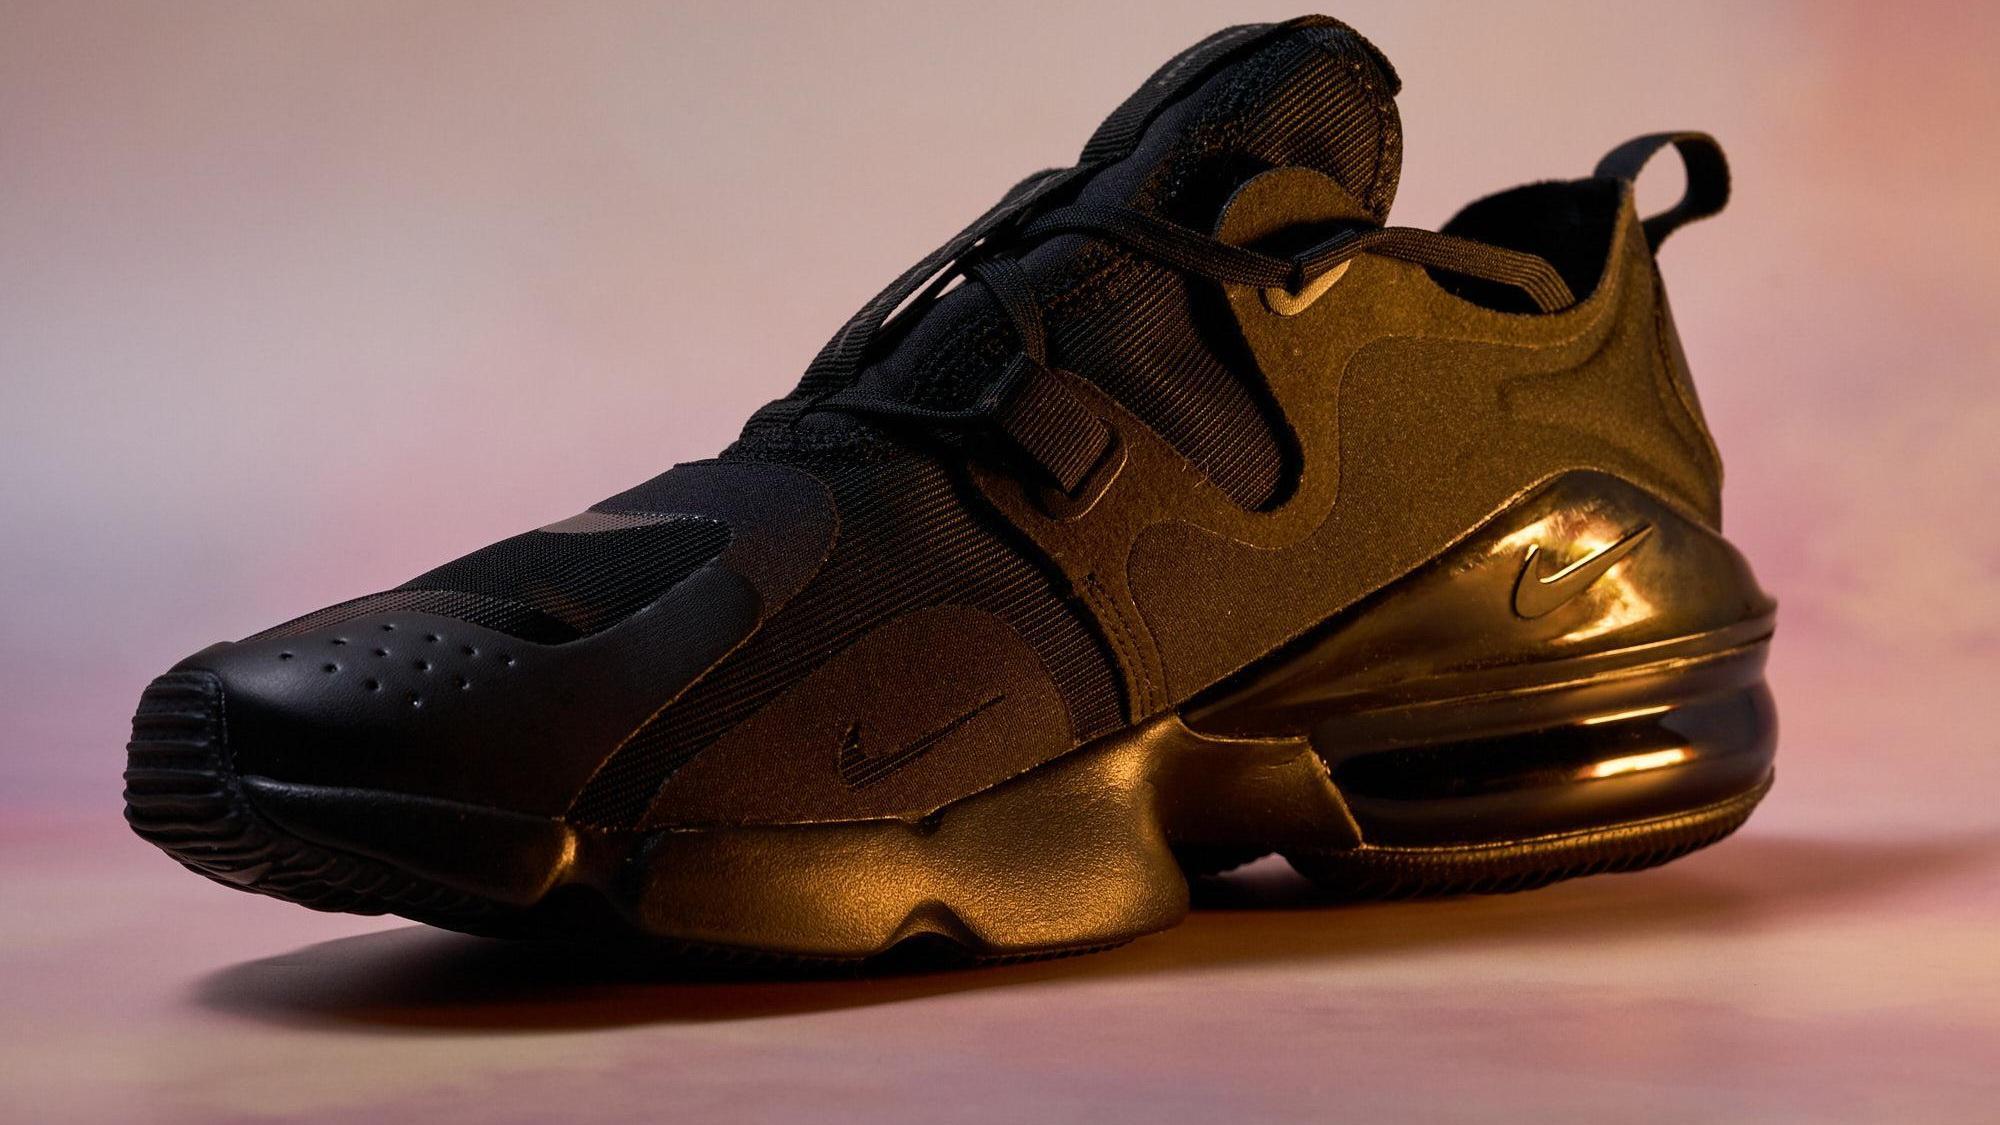 10 Best Black Nike Sneakers in 2021